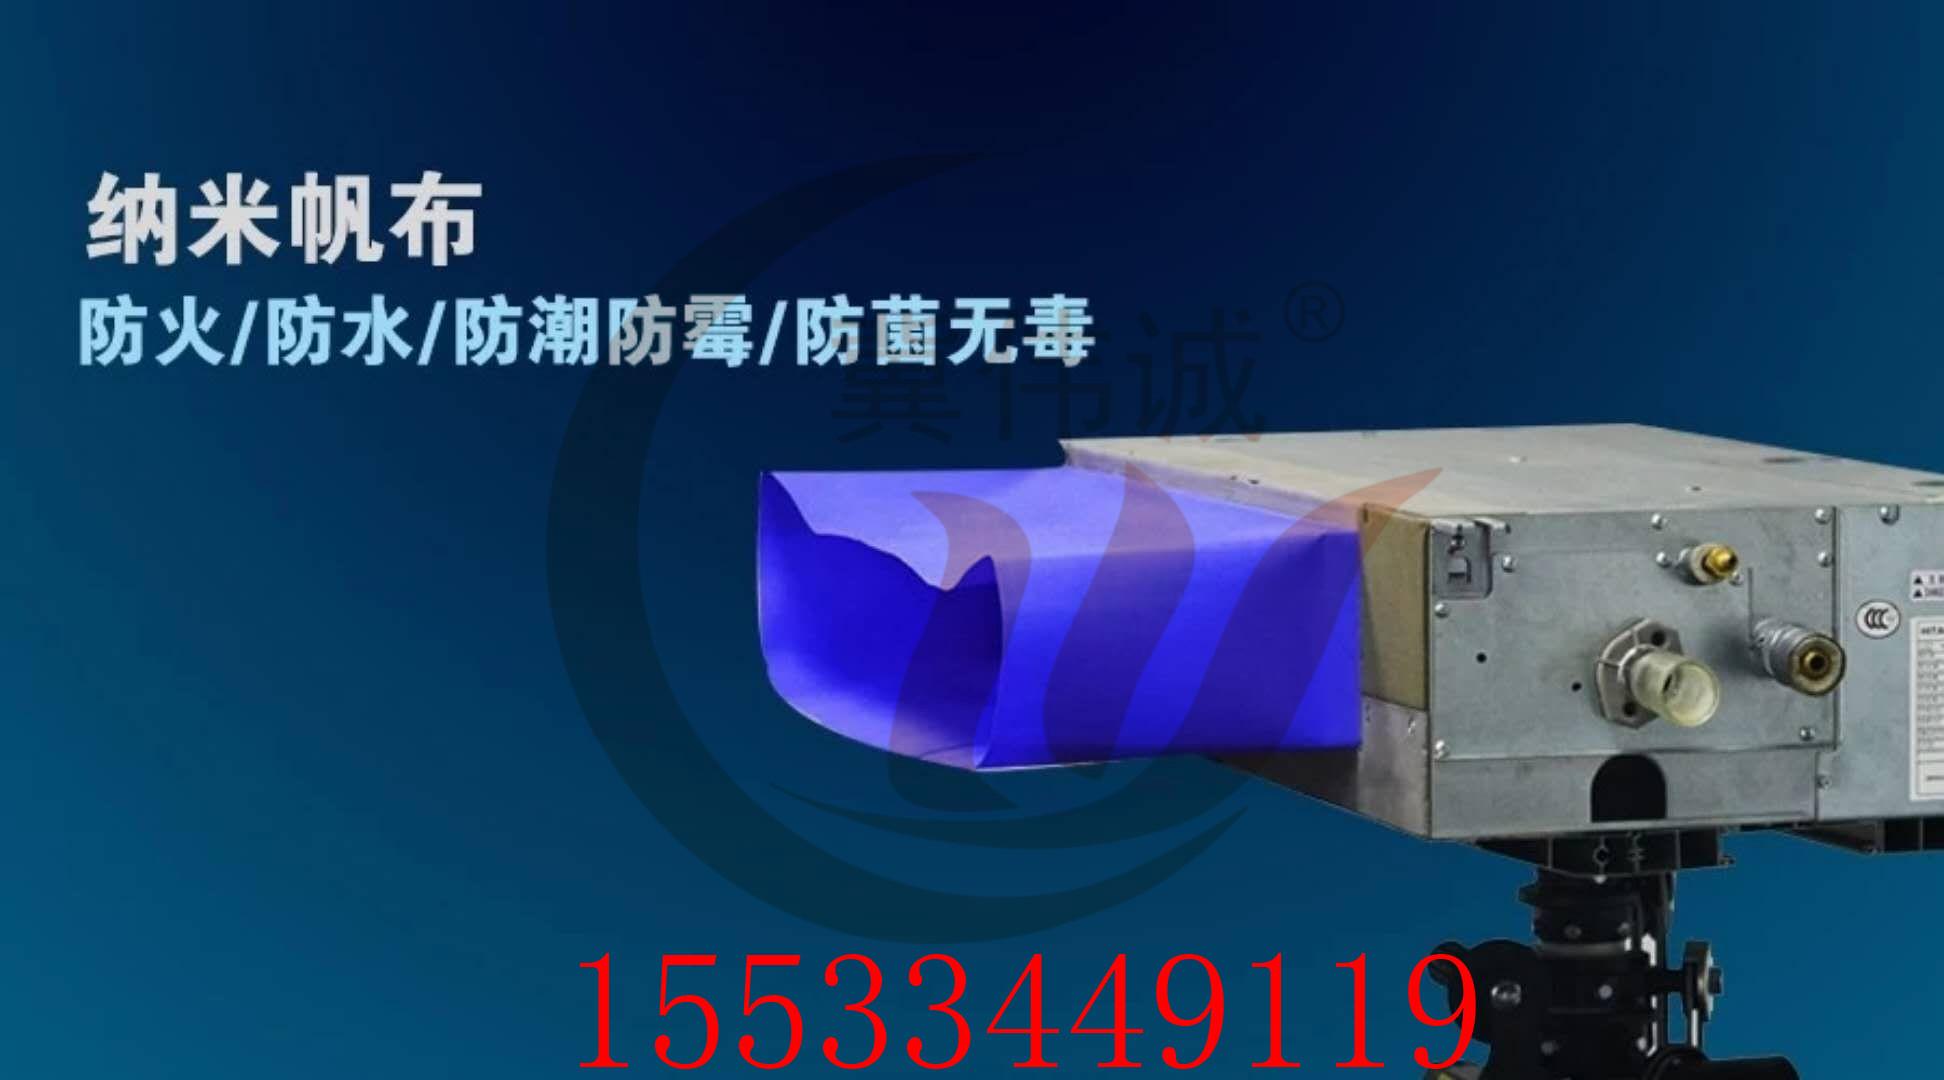 中央空调纳米阻燃布、纳米帆布/纳米防火布